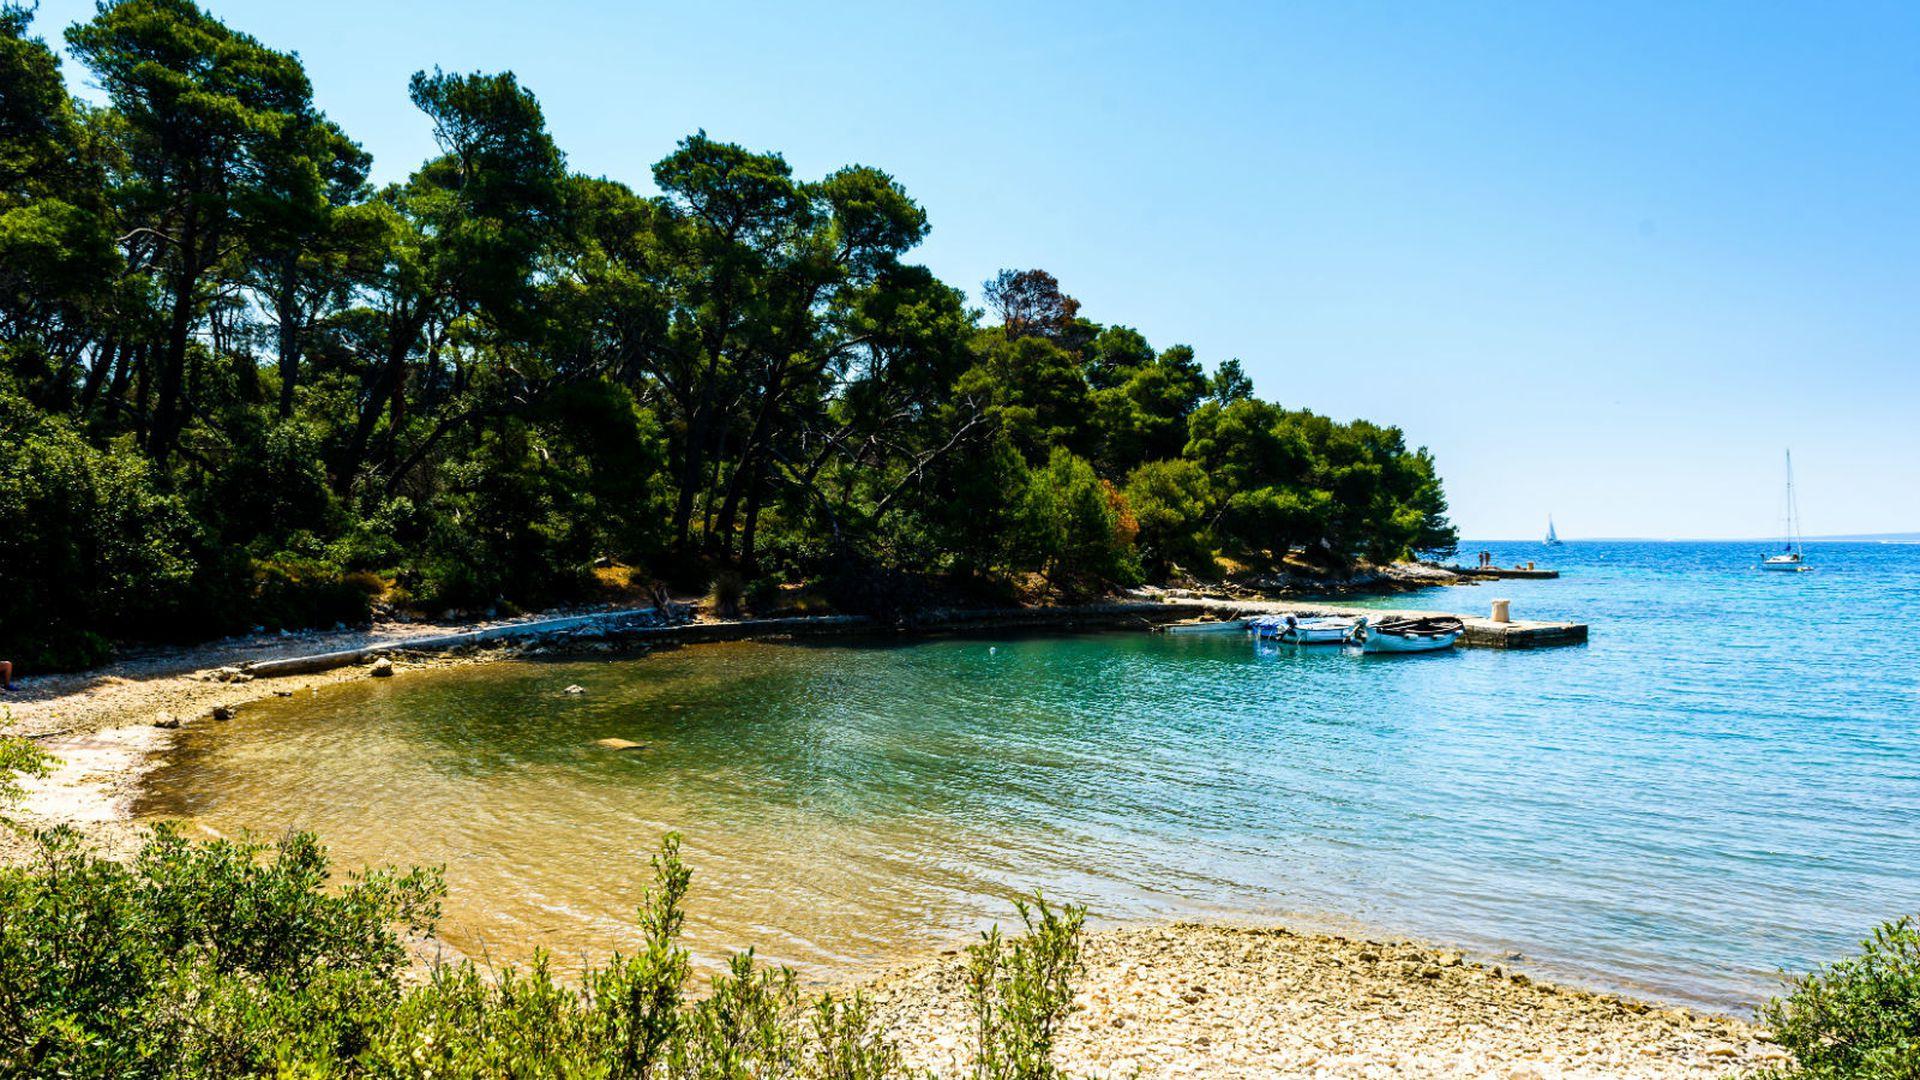 dom najljepših plaža dalmatinska oaza: otok ljubavi na kojem su zabranjeni automobili površinom mali, otok skriva neke od najljepših plaža na jadranu, a okružuje ga najčišće i najmodrije more. prekrasna priroda, bogata povijest i spokoj dovoljan su razlog da mu se vraćate iz godine u godinu... nastavi čitati